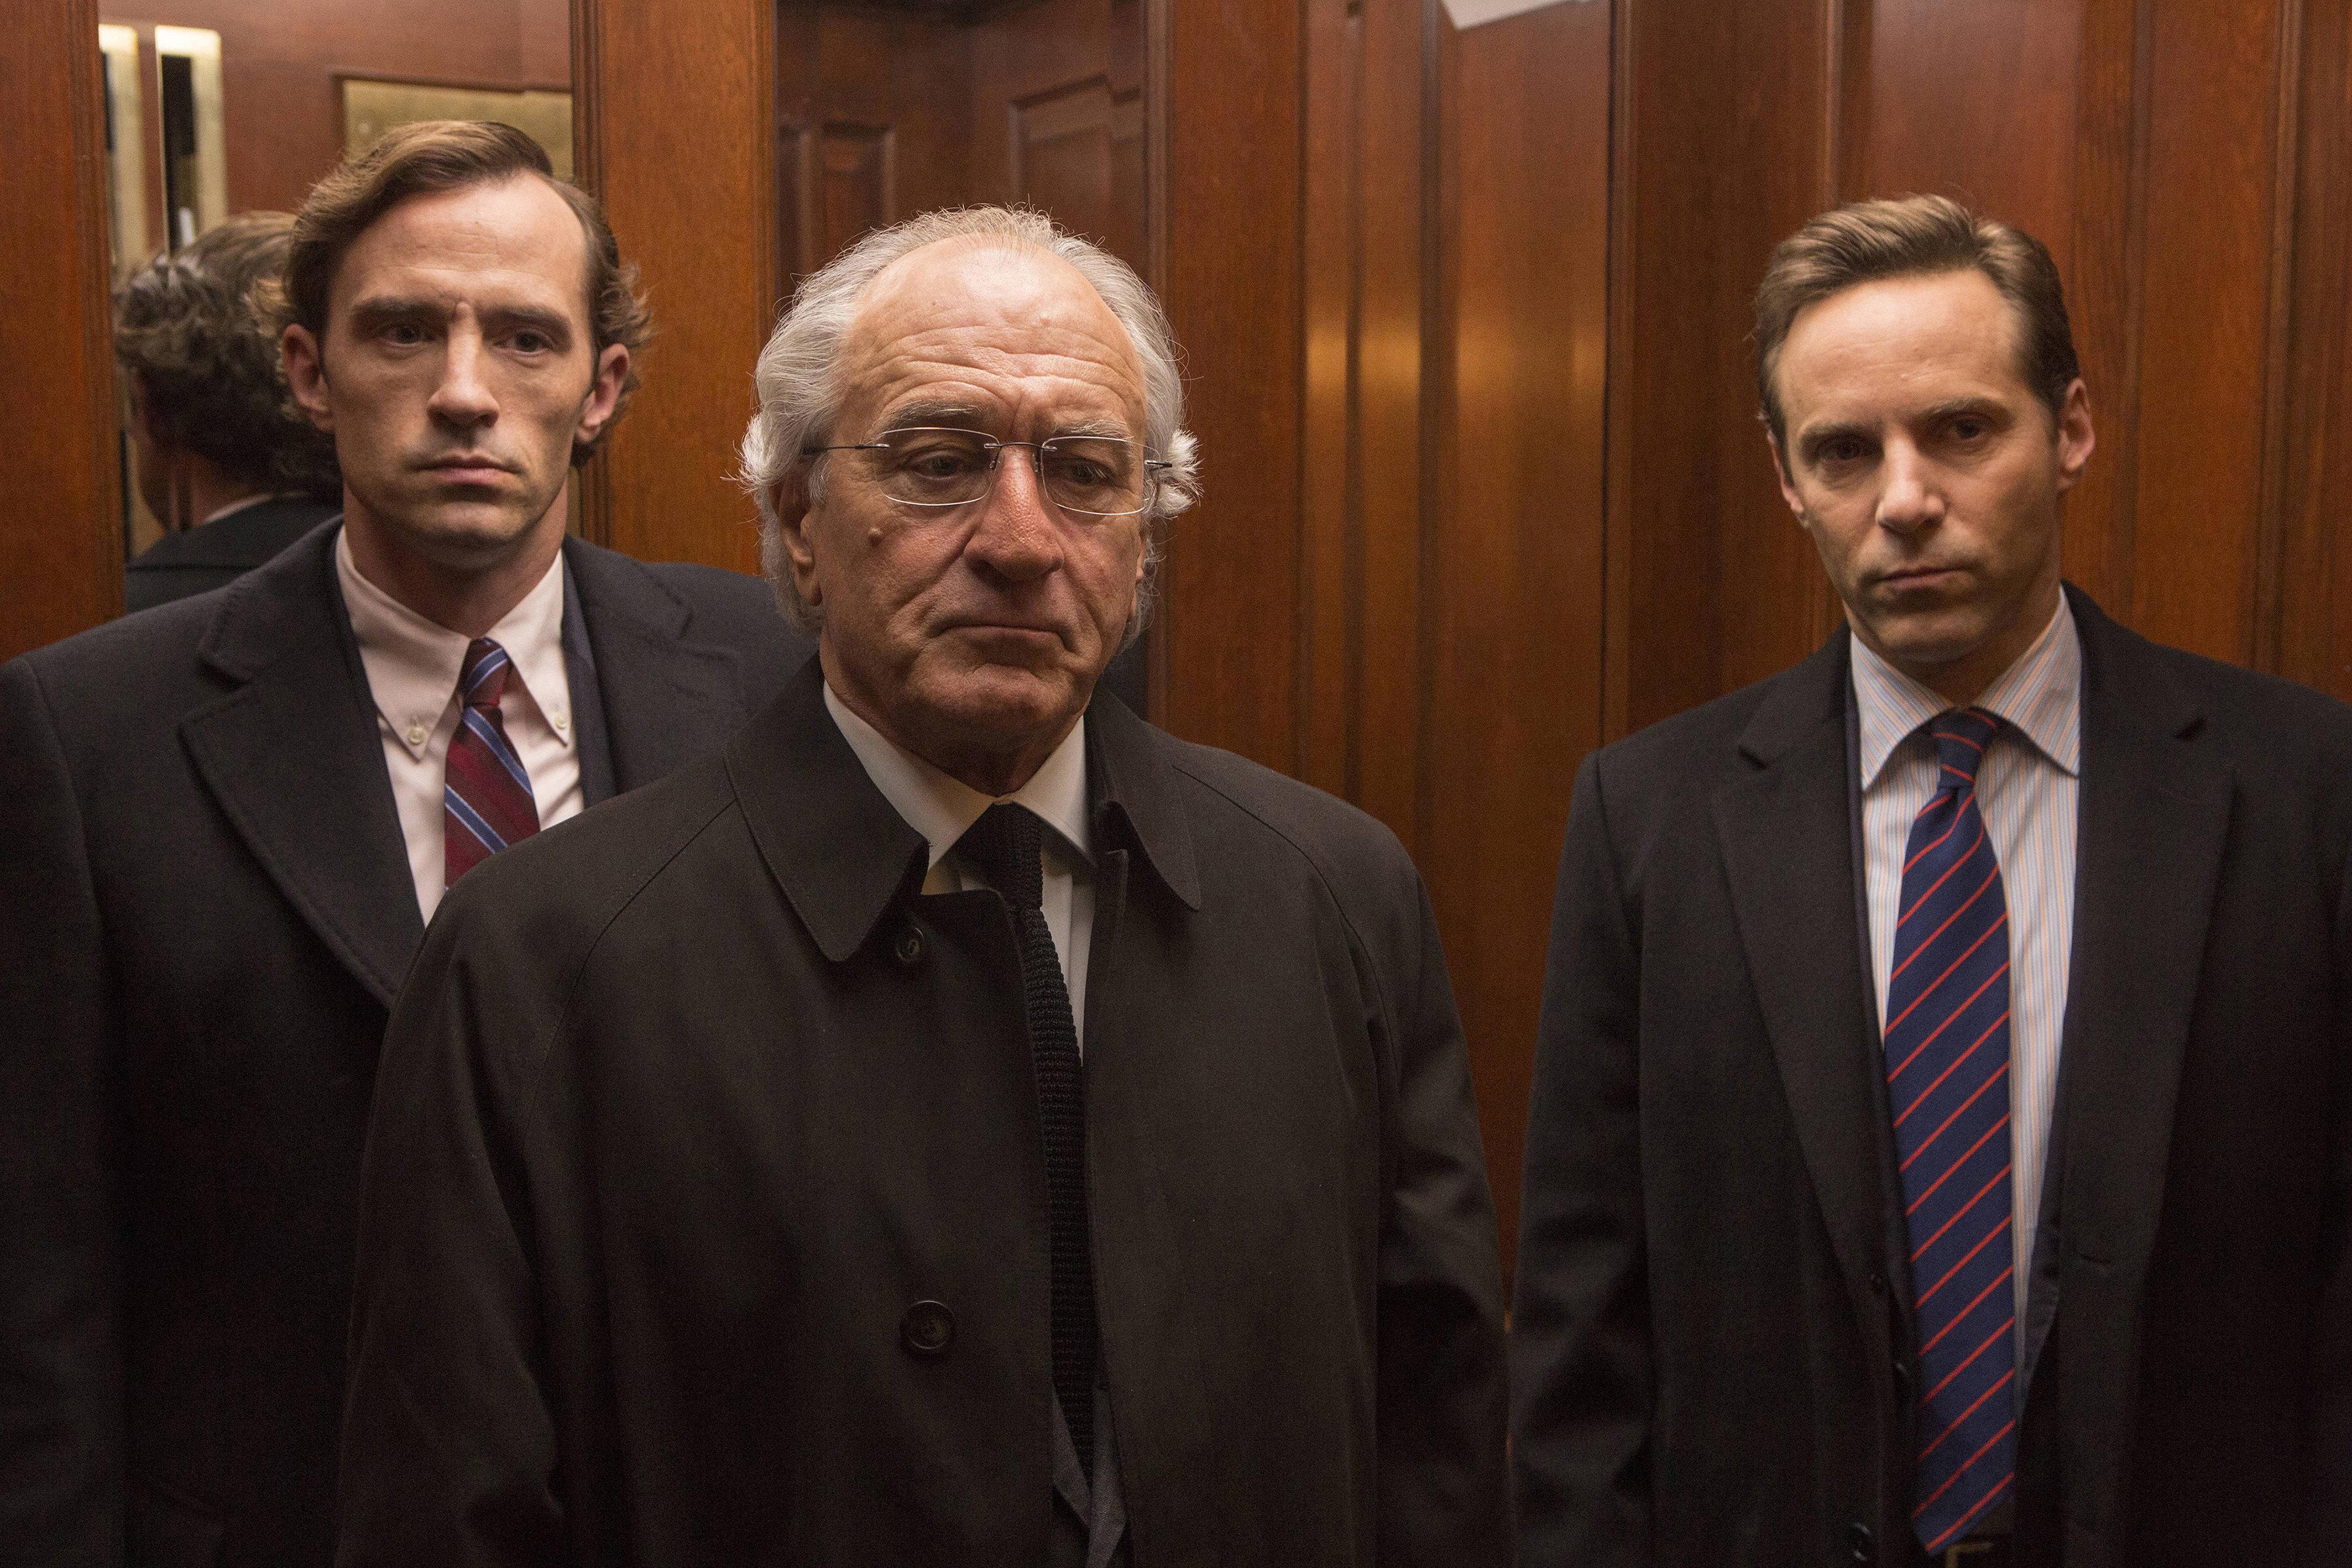 Robert De Niro as Bernie Madoff.